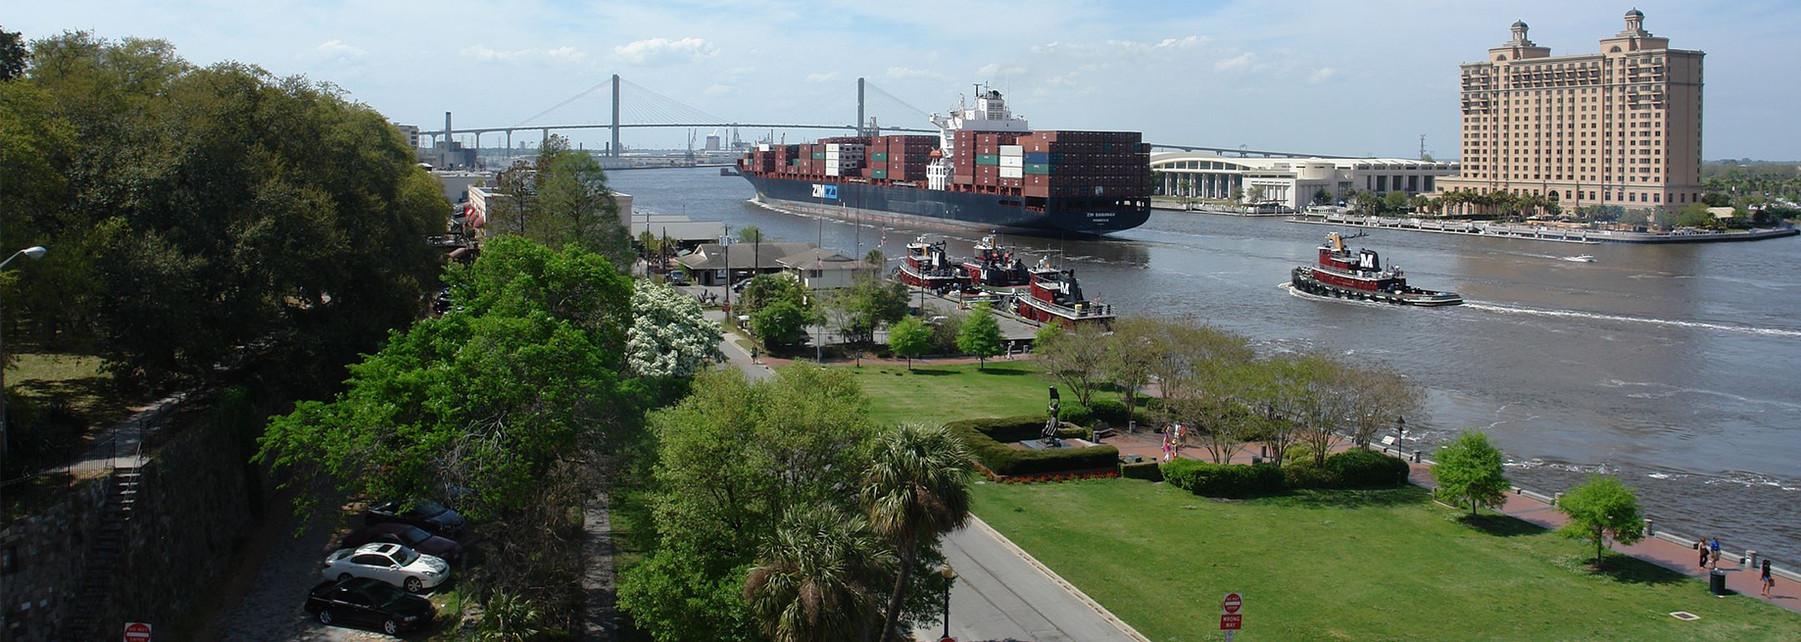 Ship on Savannah Riverfront